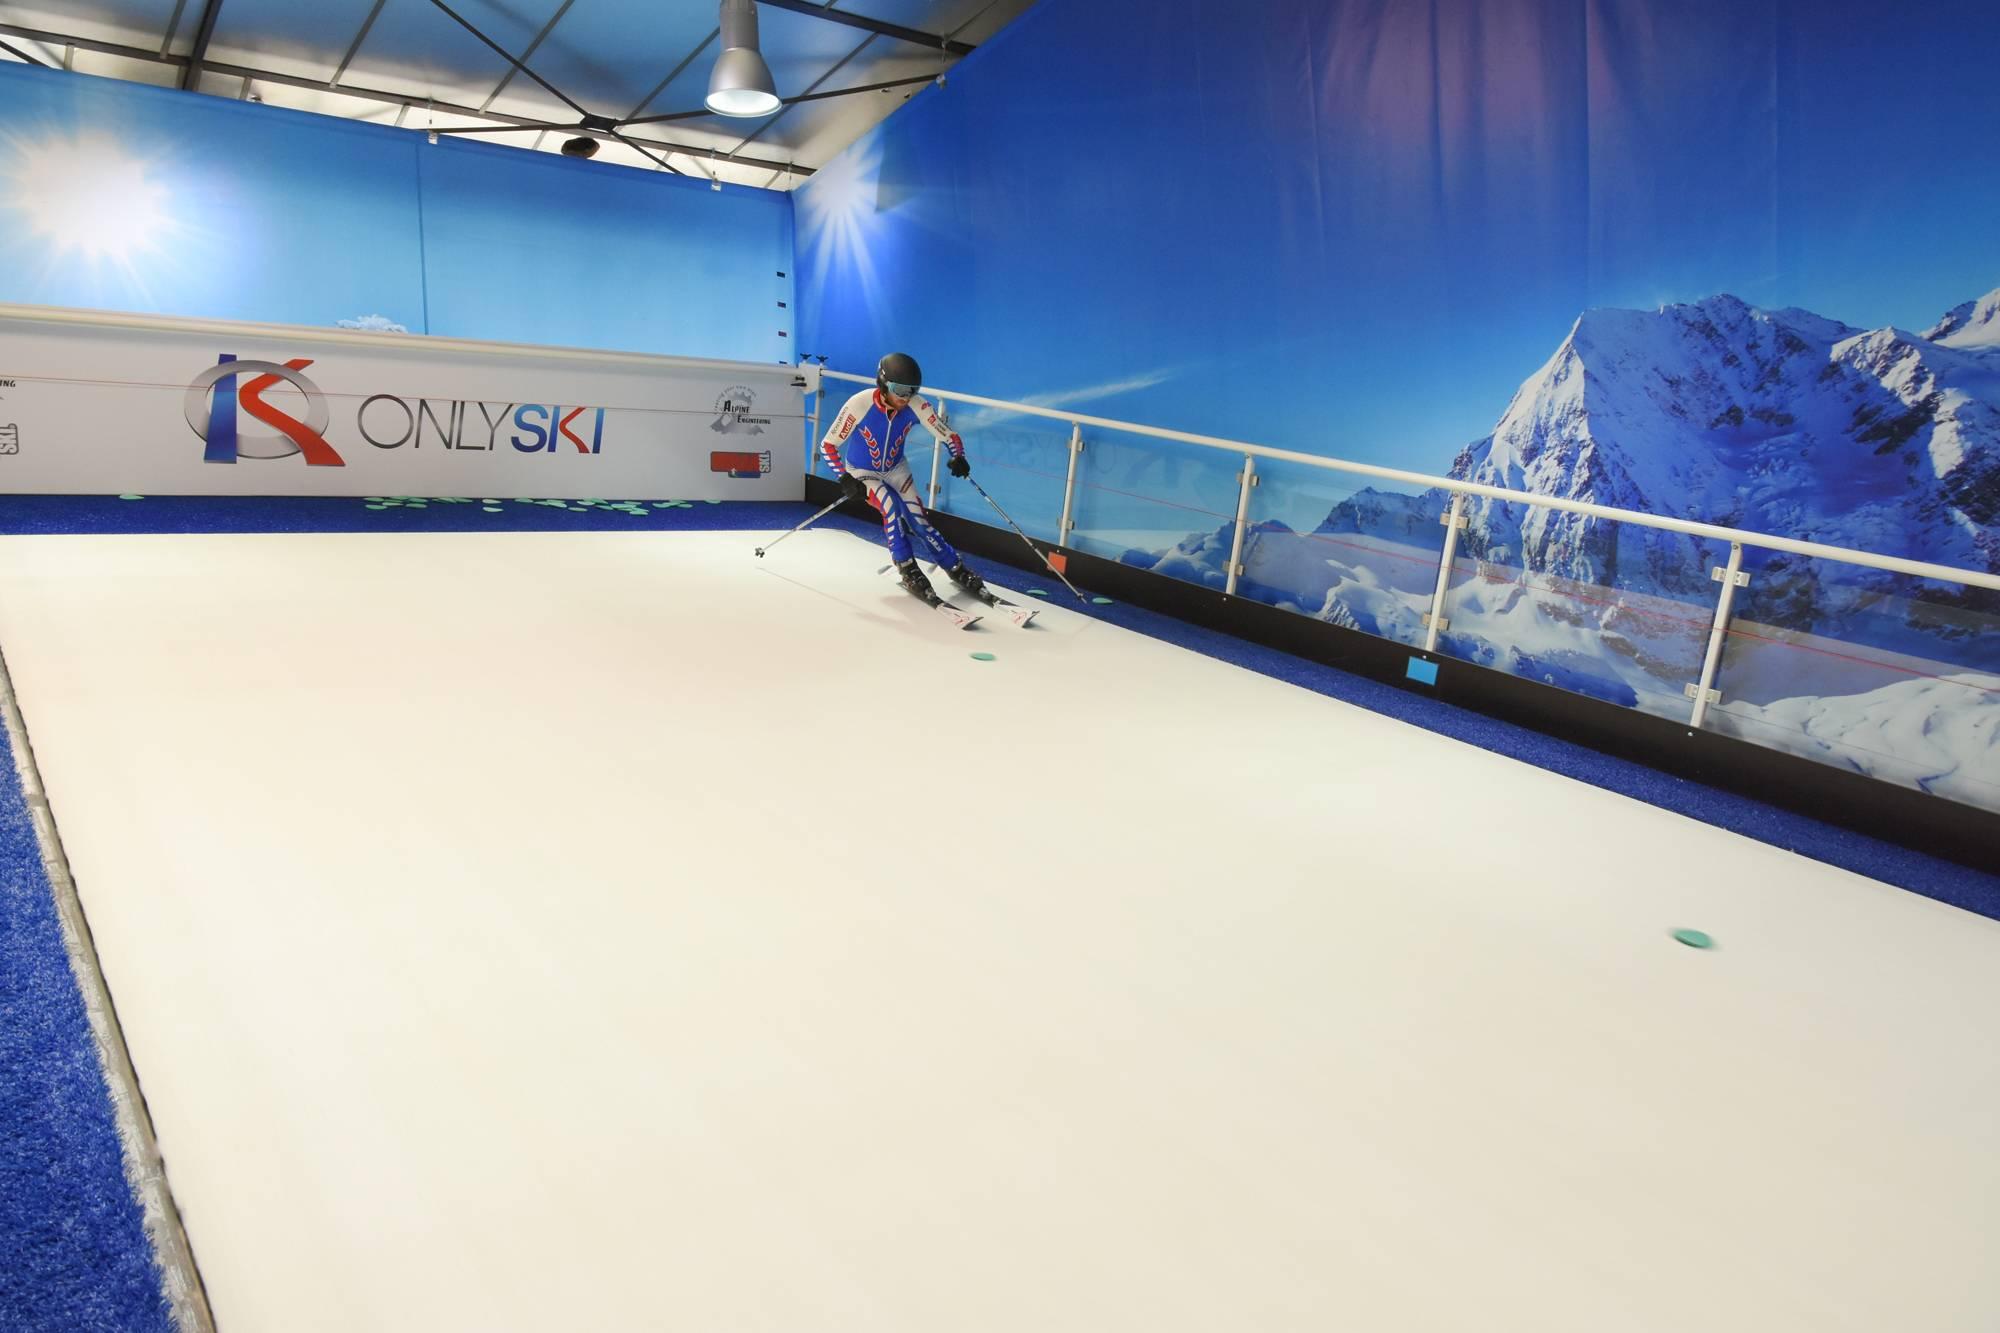 piste de ski indoor à lyon